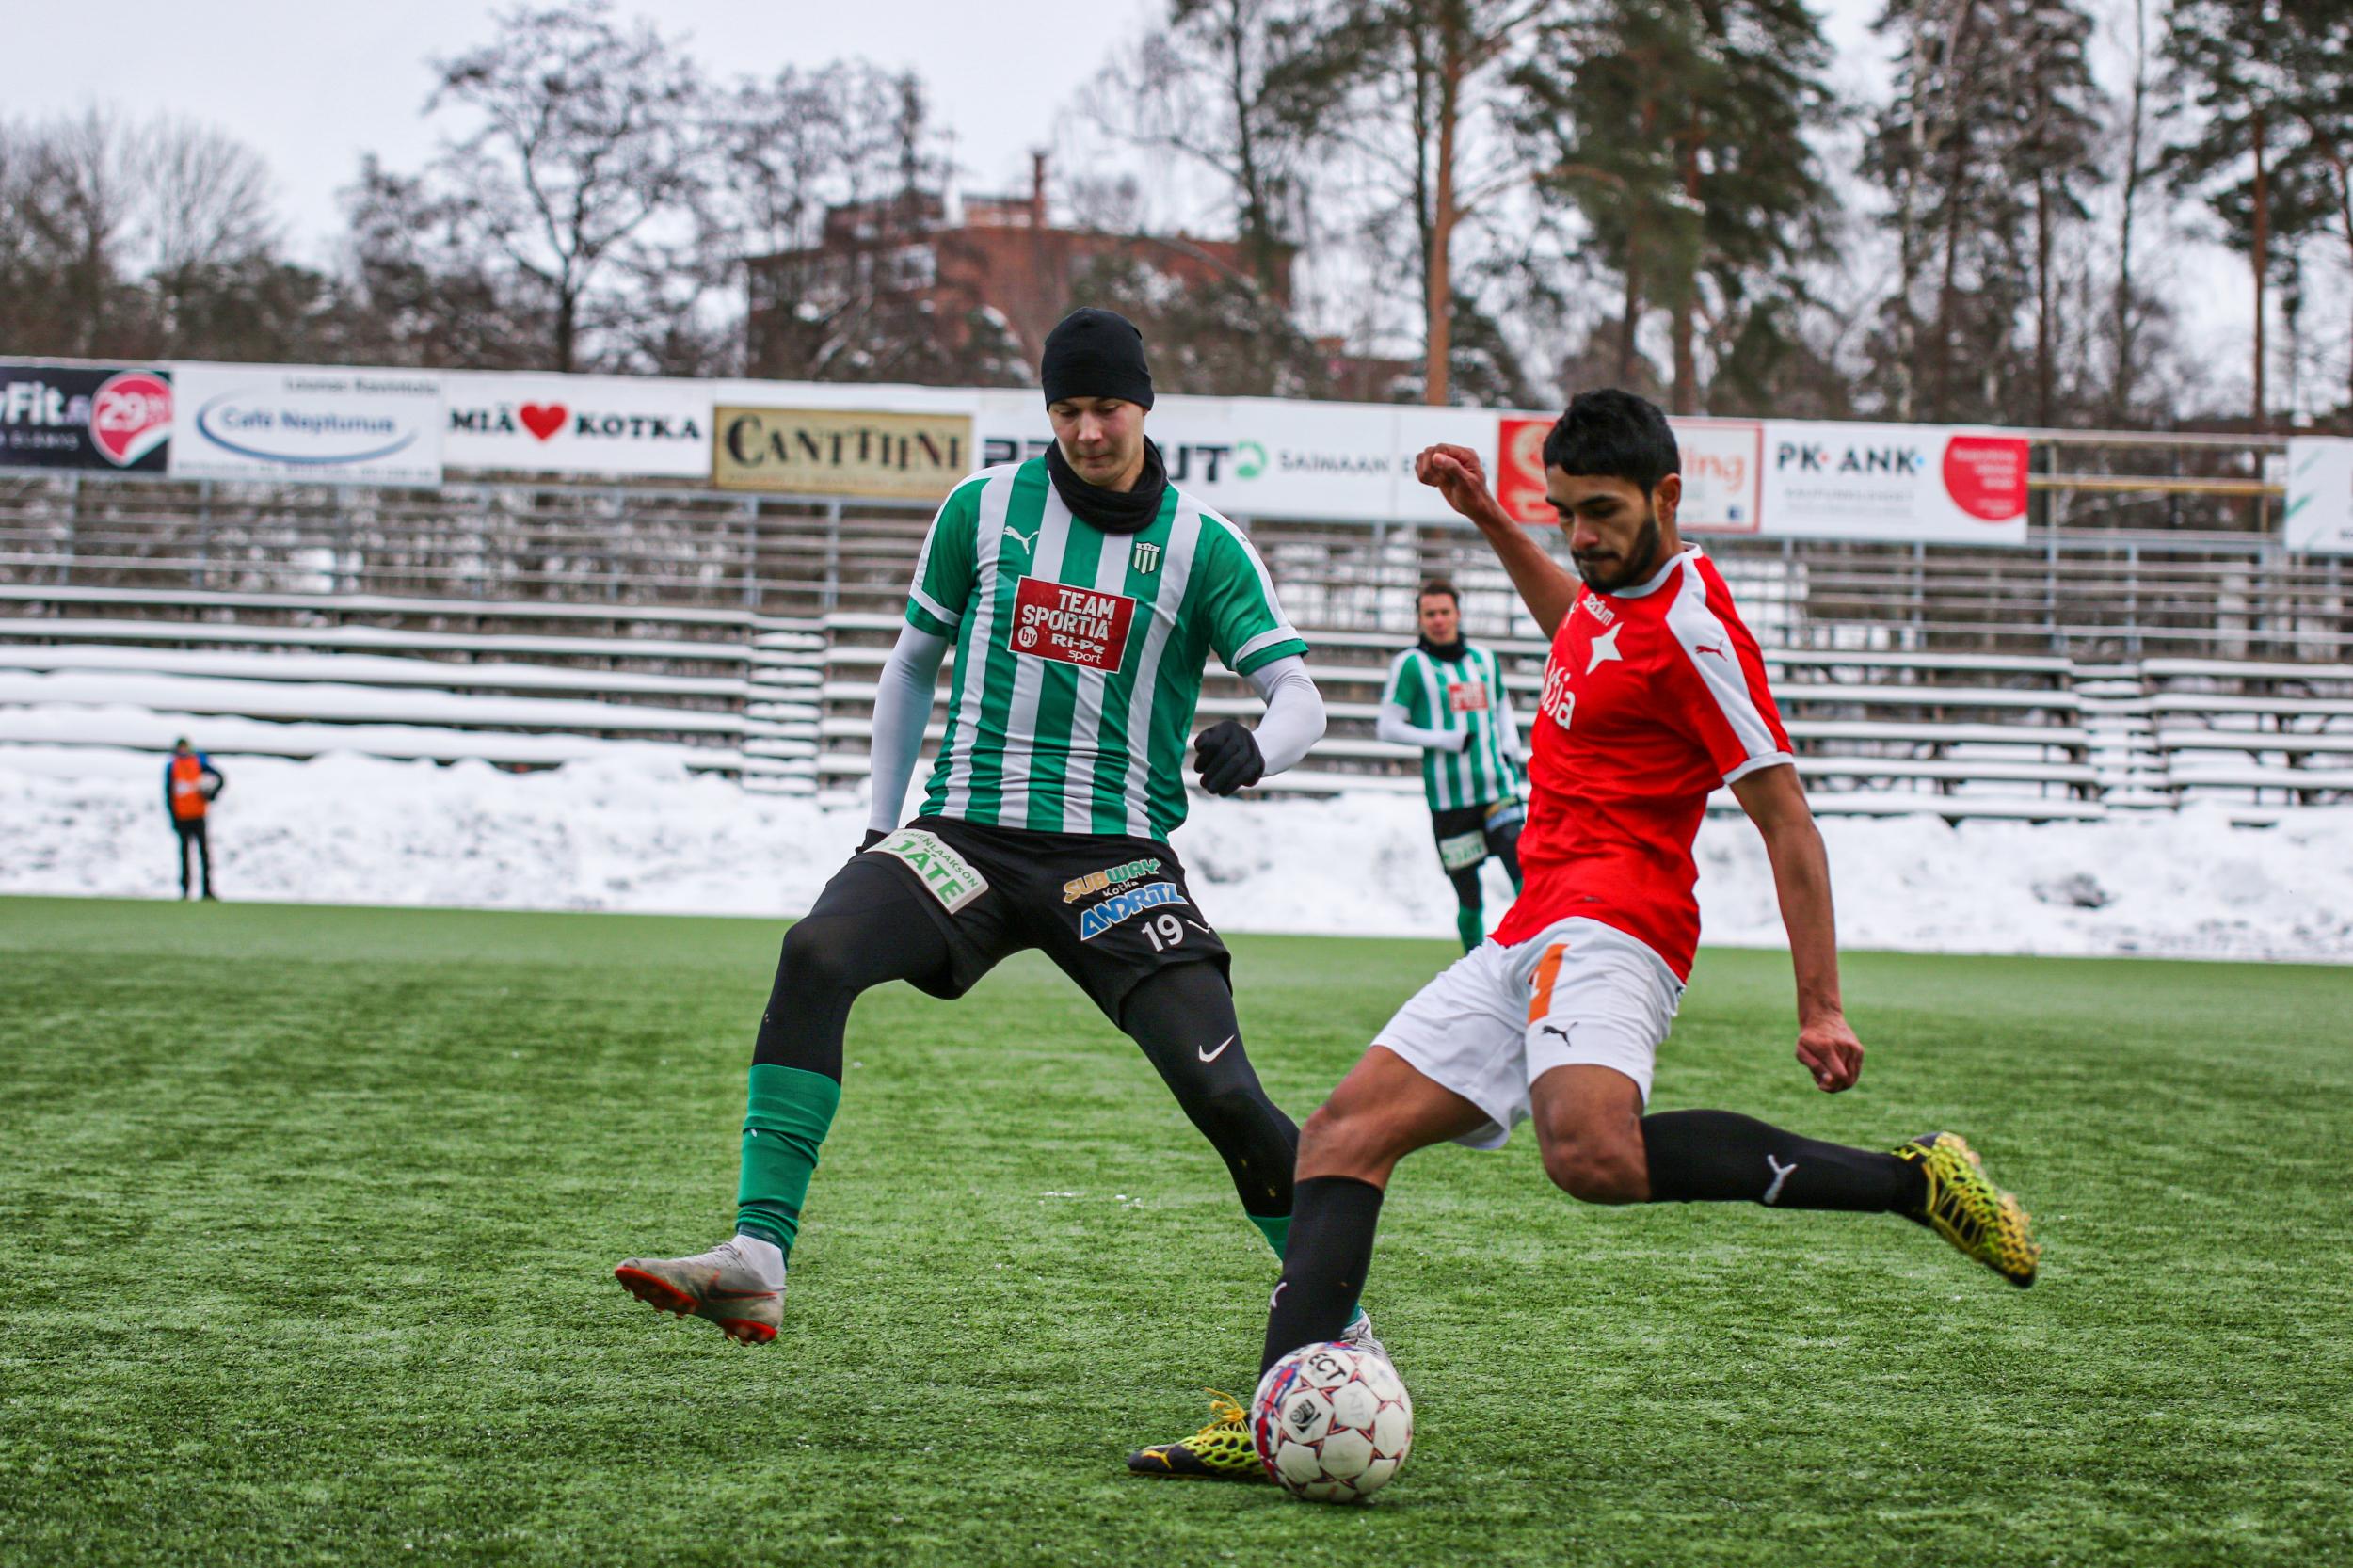 HIFK tog en viktig bortaseger i Finska Cupens första omgång